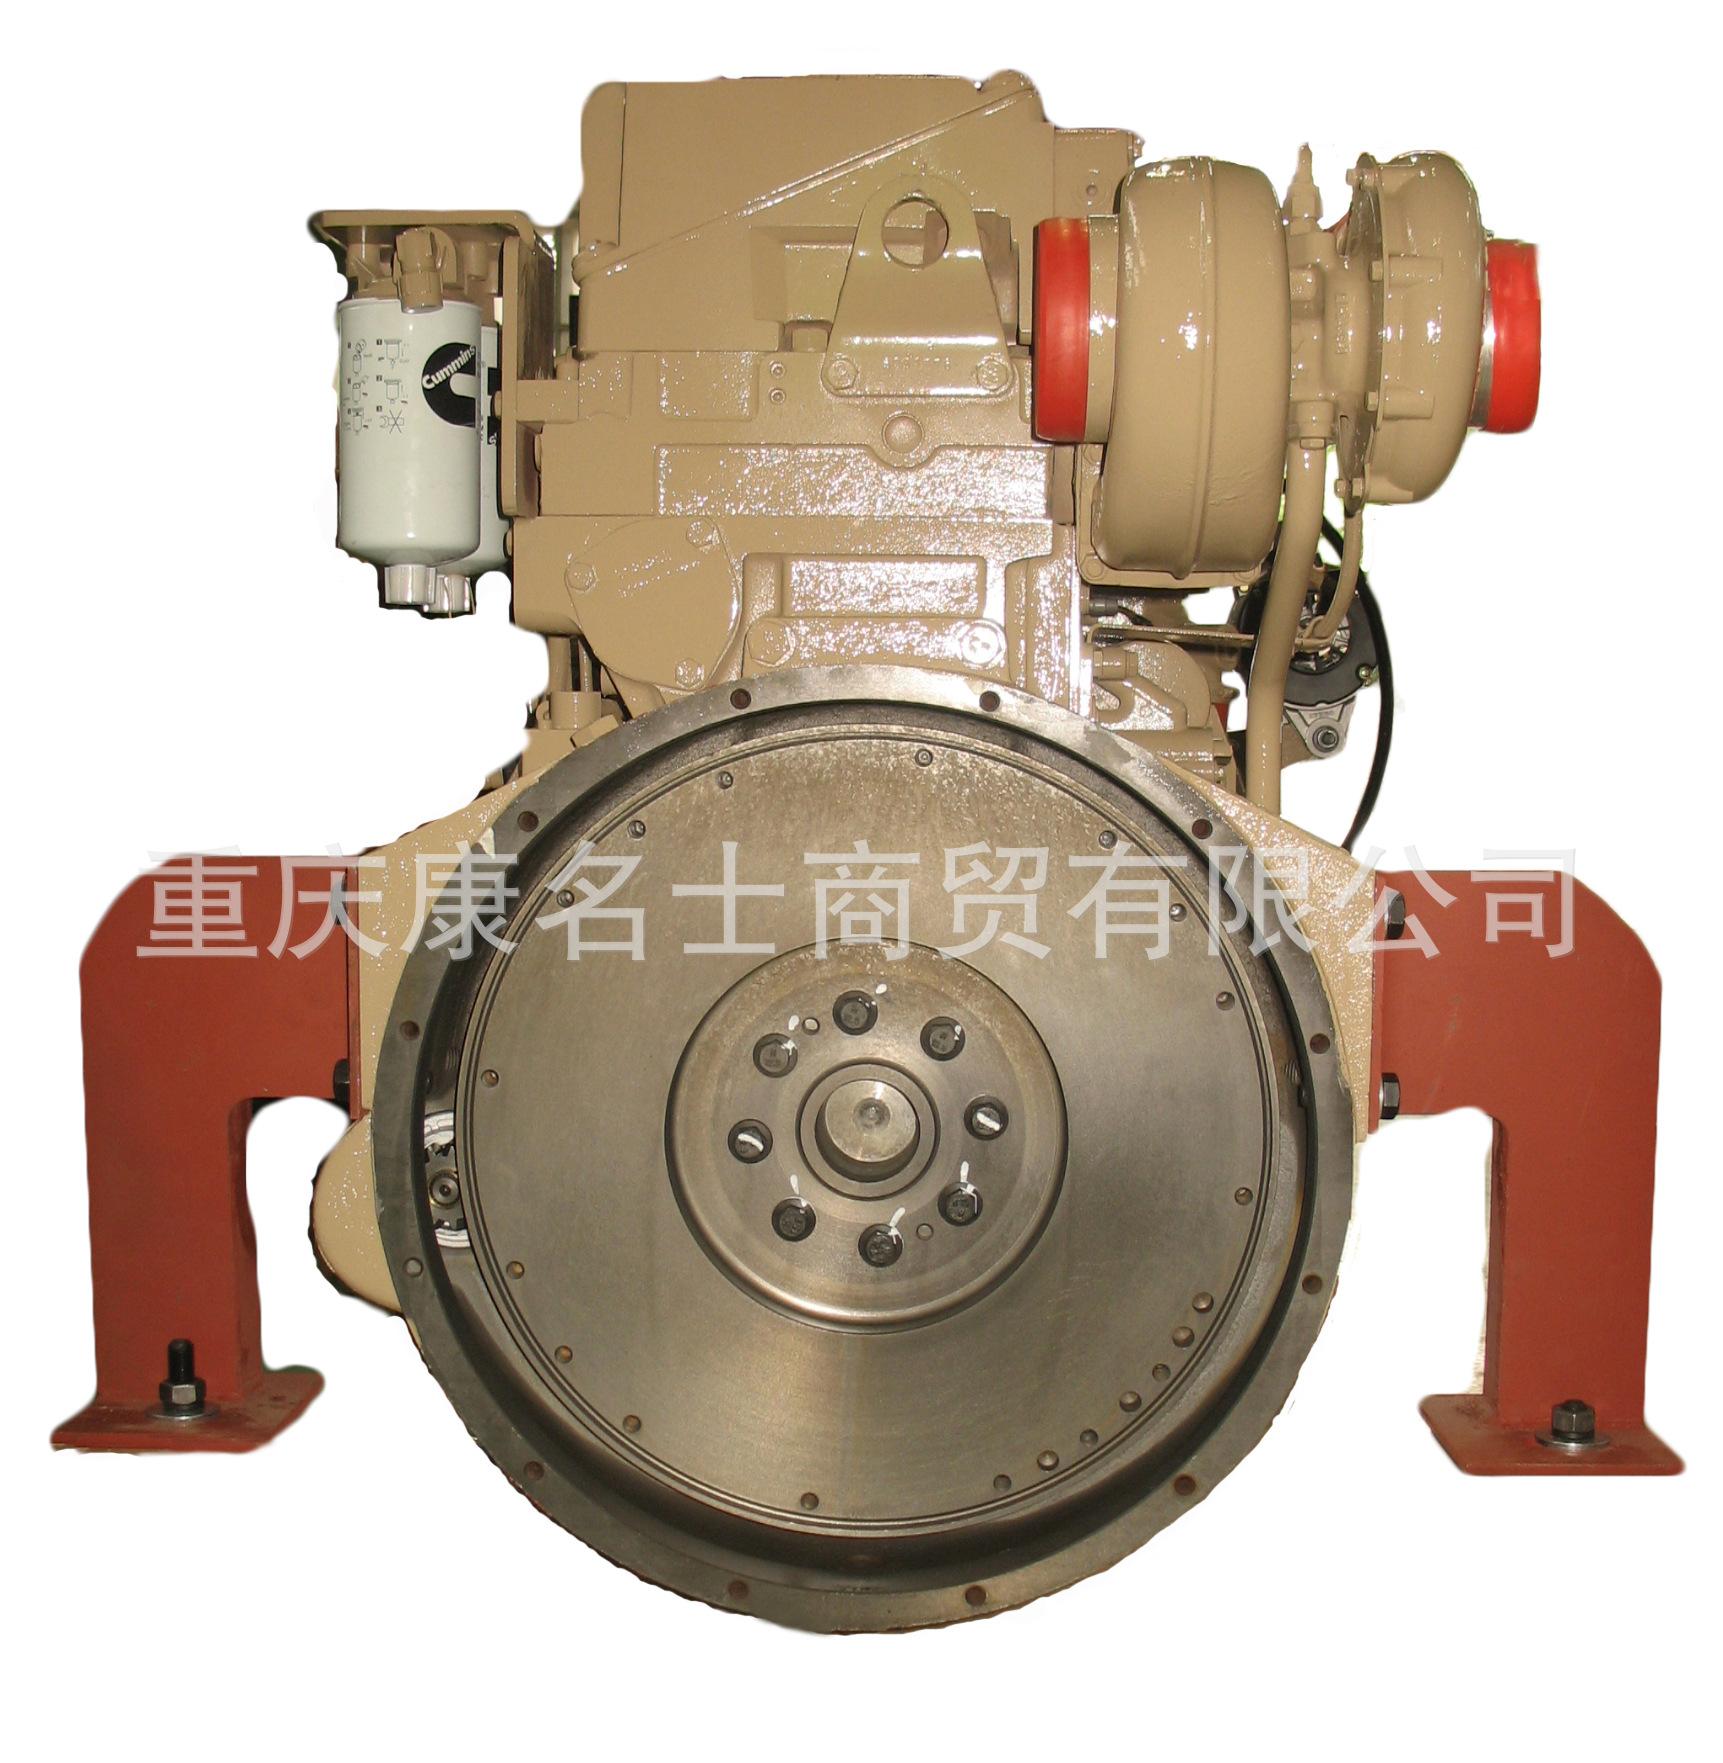 3517968康明斯风扇离合器轴LT10 (250)发动机配件厂价优惠